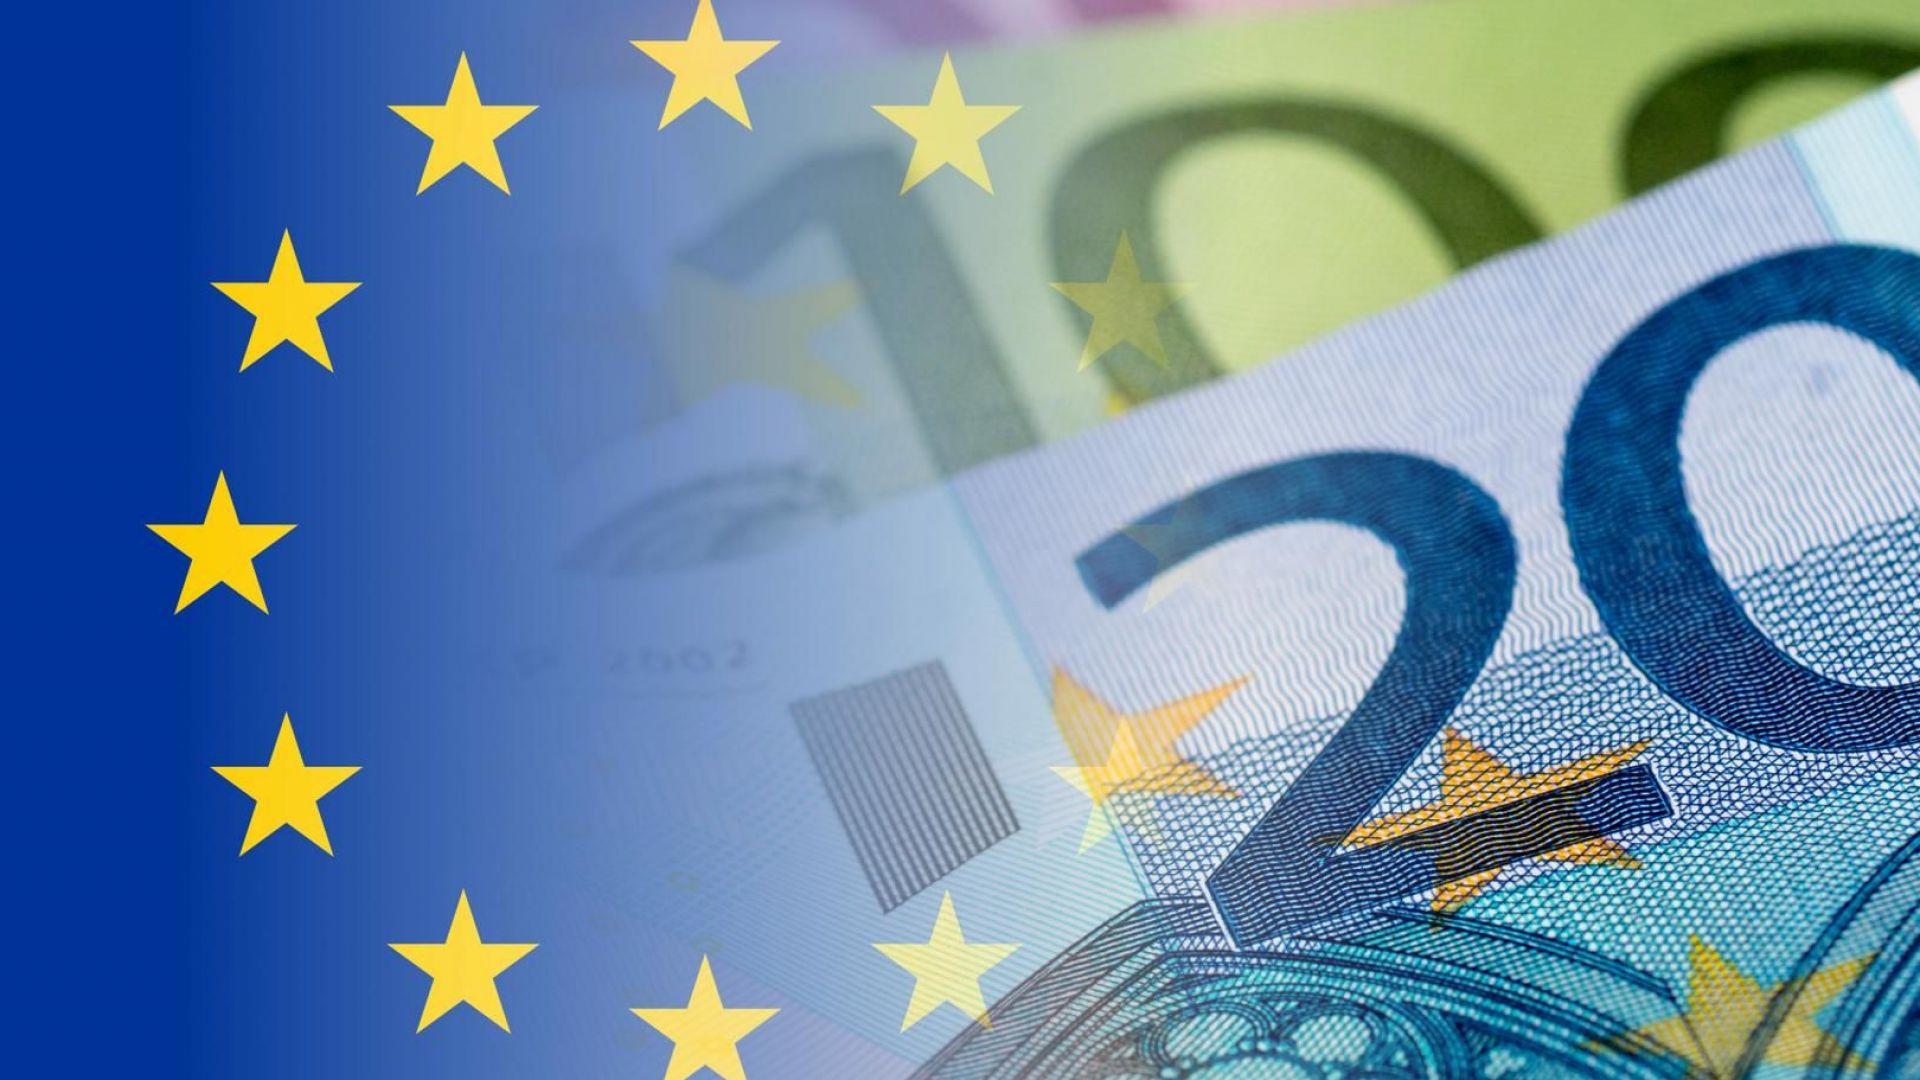 България получава 1 милиард евро повече от новия бюджет на ЕК